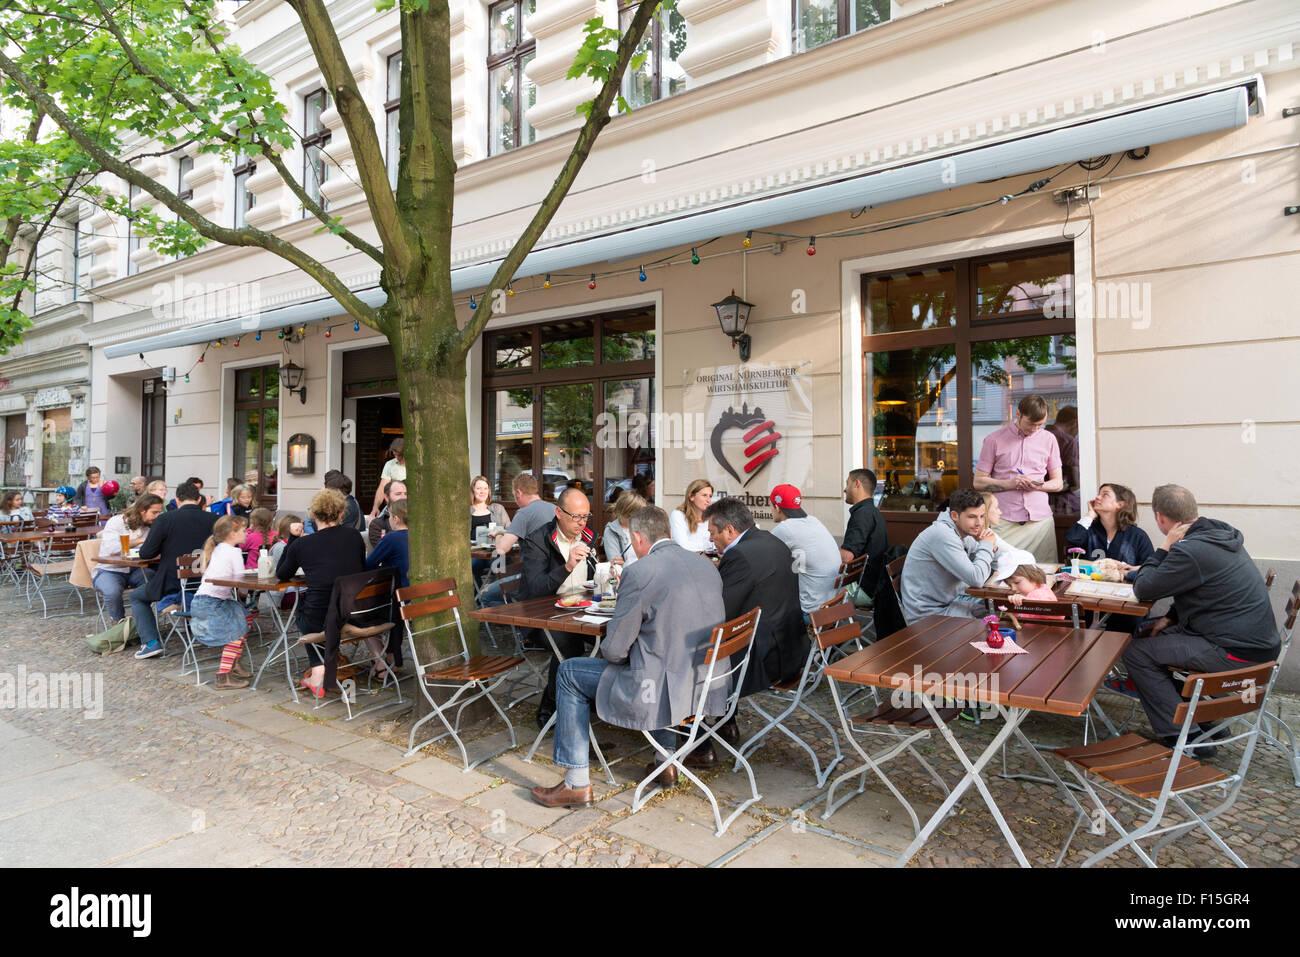 Restaurant im Bezirk Prenzlauer Berg, Berlin, Deutschland Stockfoto